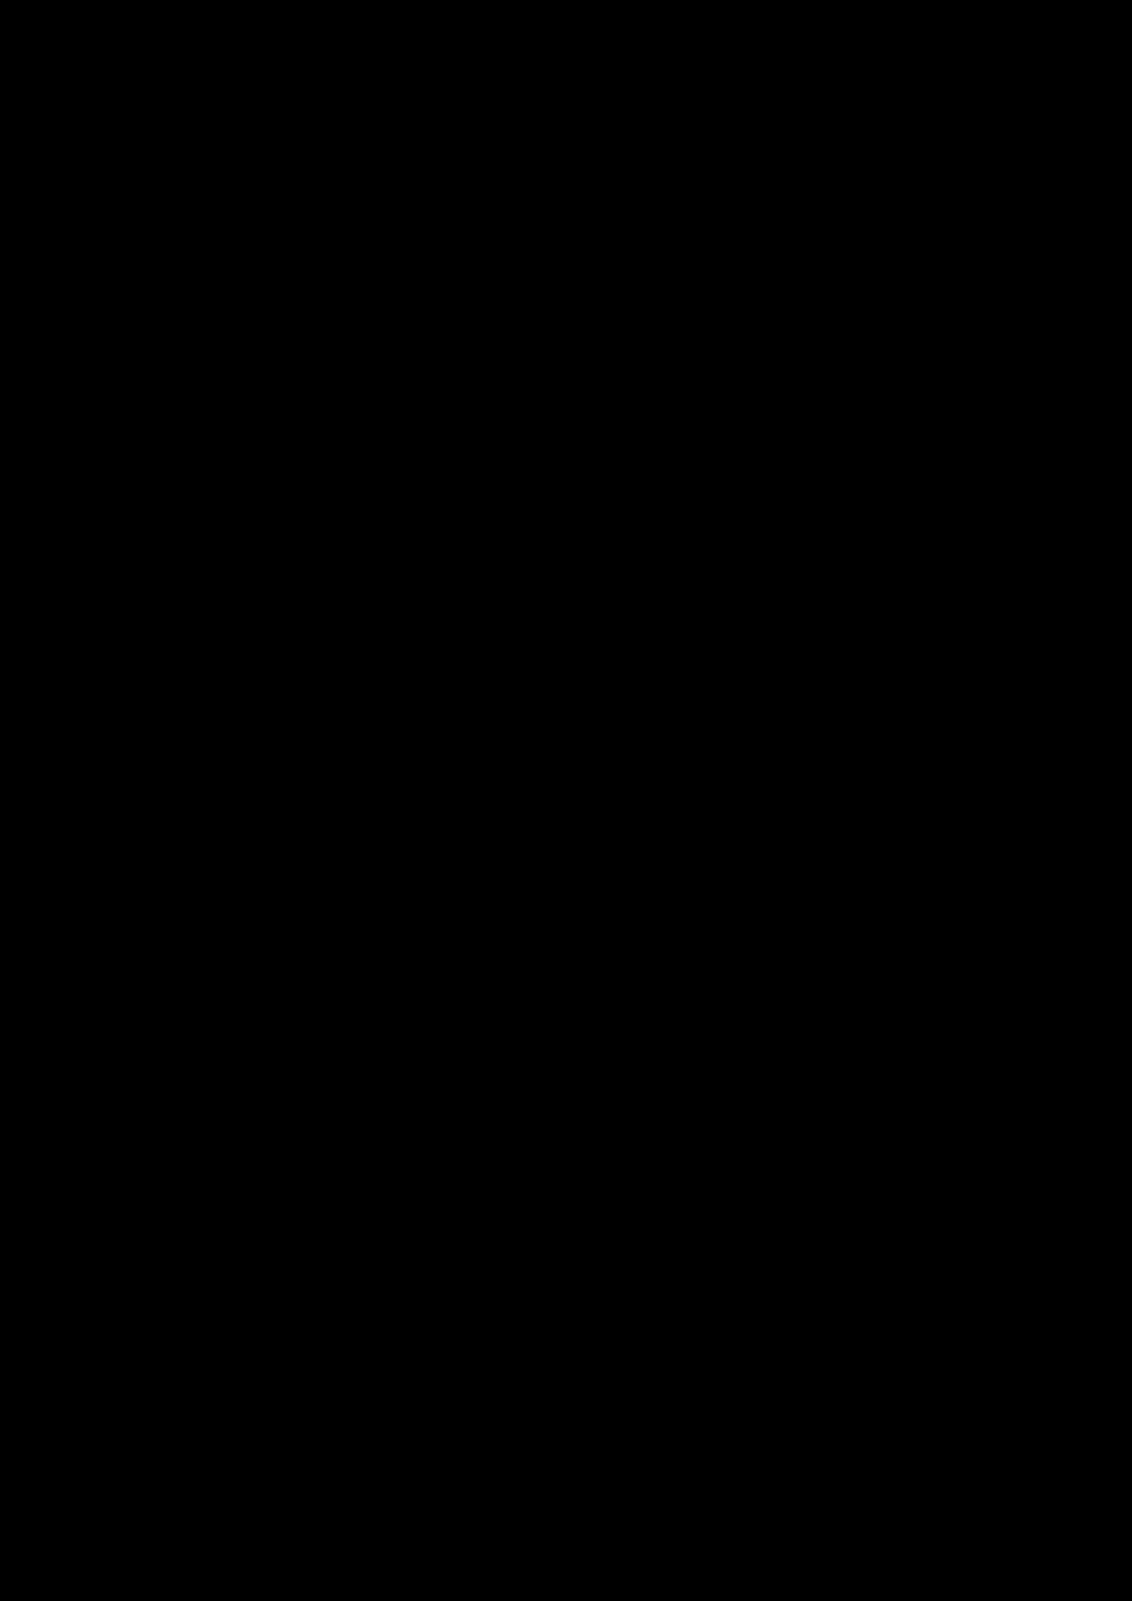 Proschanie s volshebnoy stranoy slide, Image 13